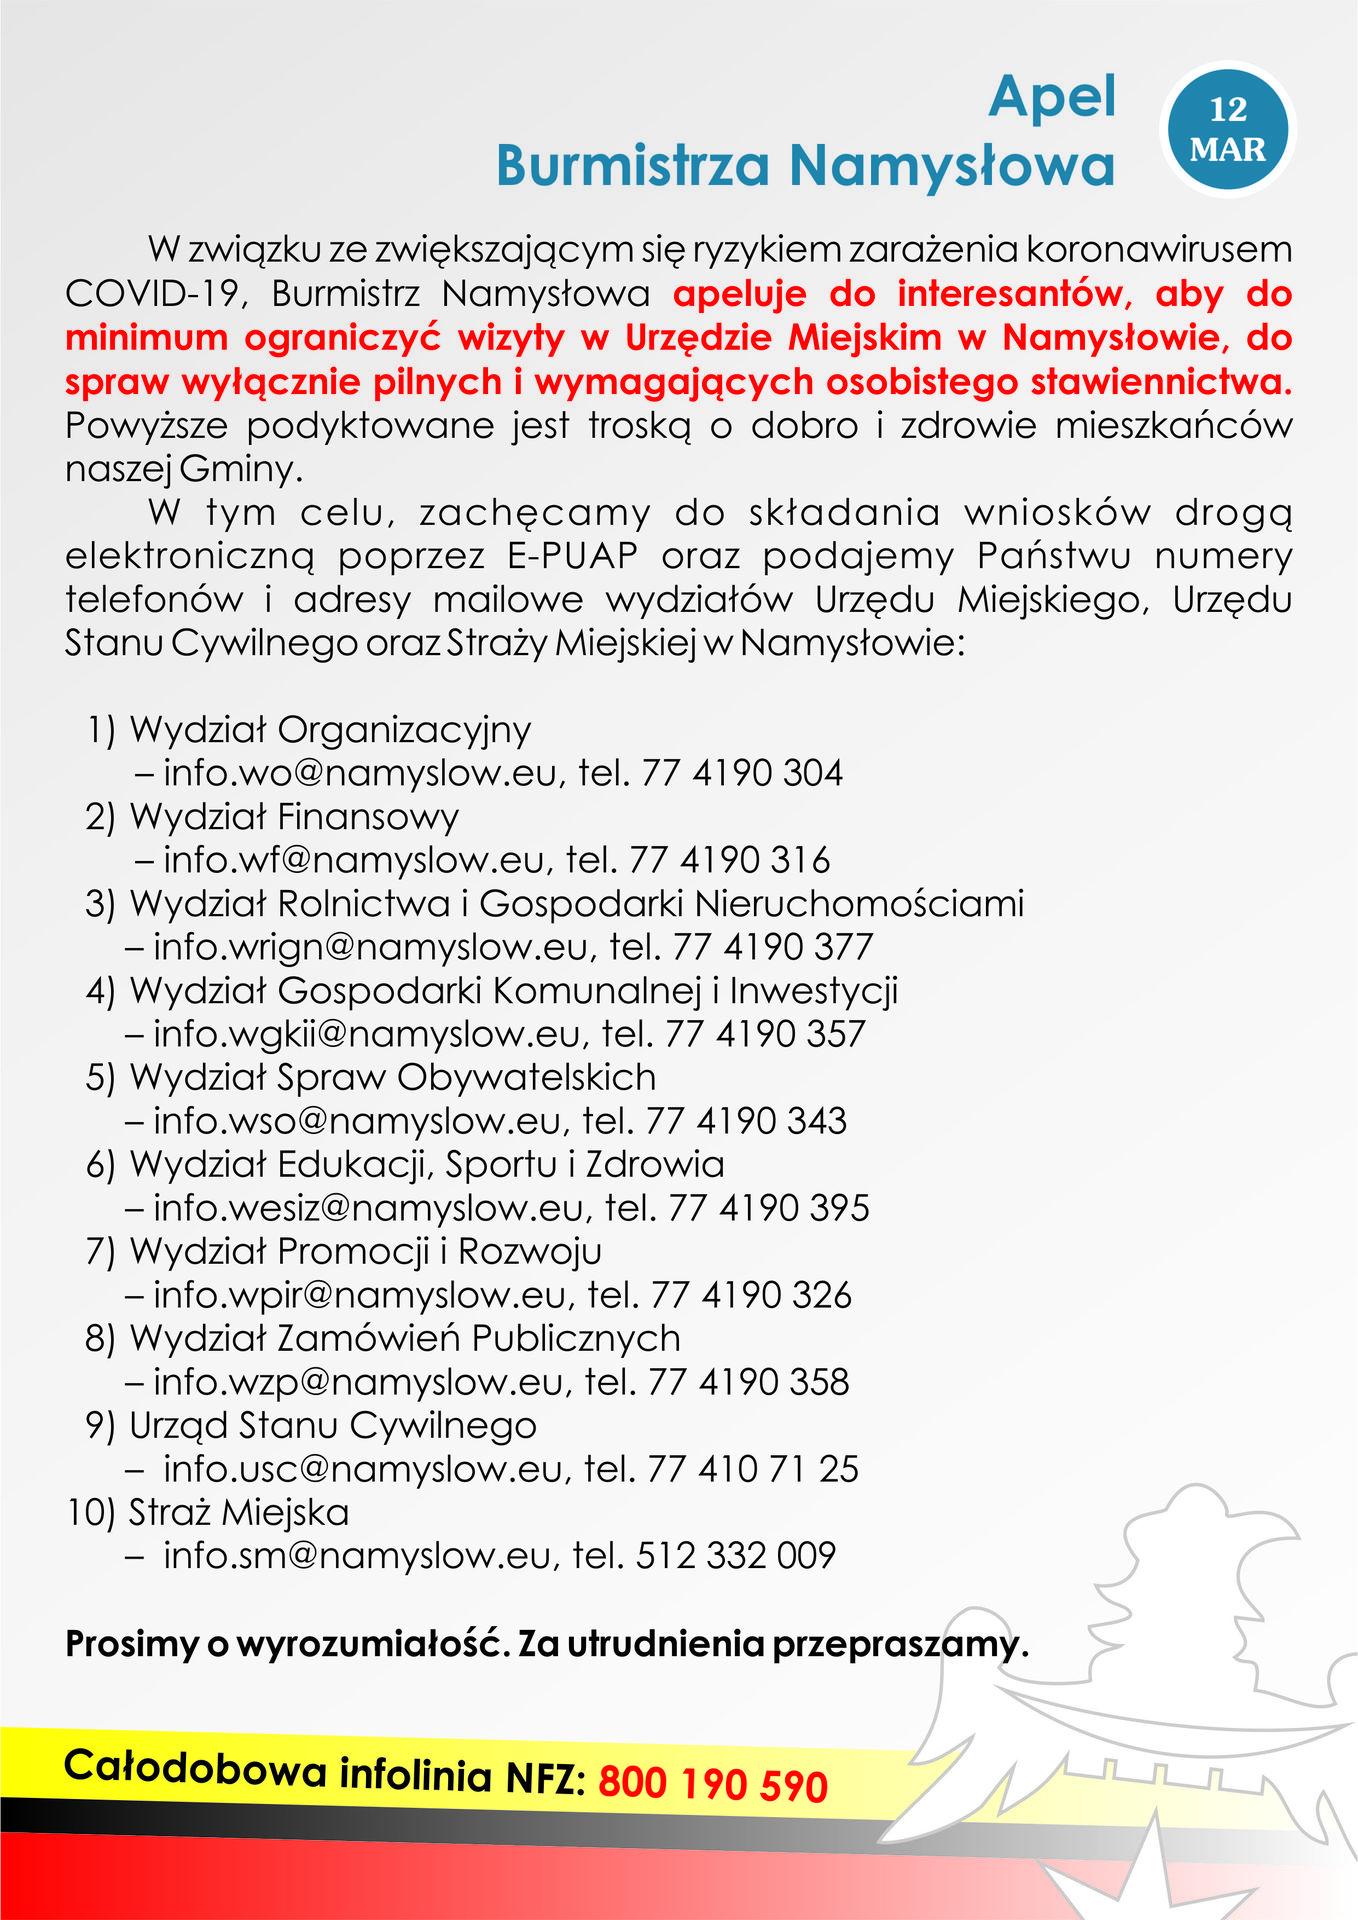 Apel Burmistrza Namysłowa (12-03-2020).jpeg